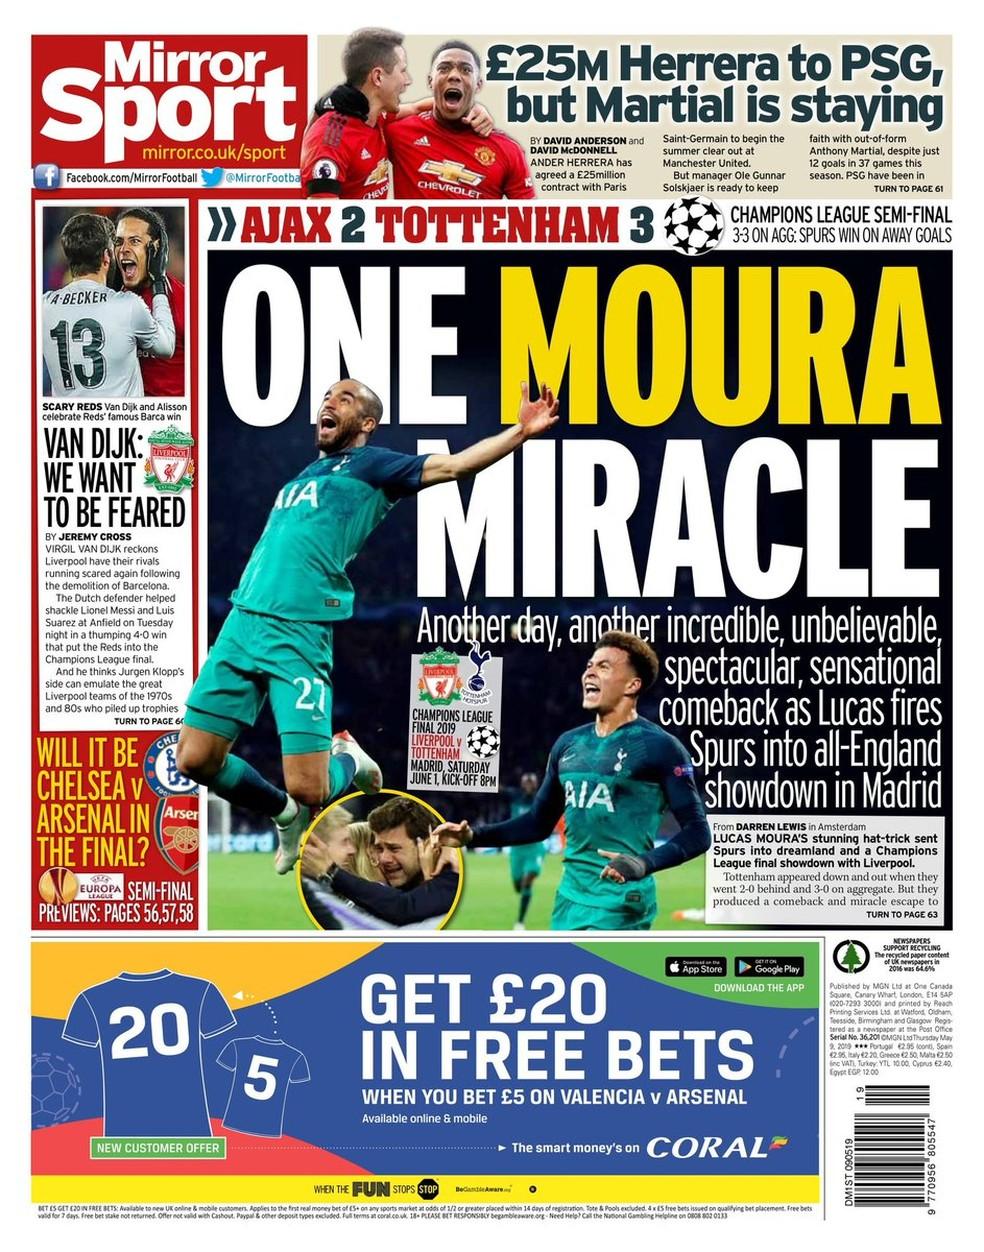 Daily Mirror faz referência a um novo milagre, um dia após a virada do Liverpool, agora com o sobrenome de Lucas — Foto: Reprodução/Daily Mirror